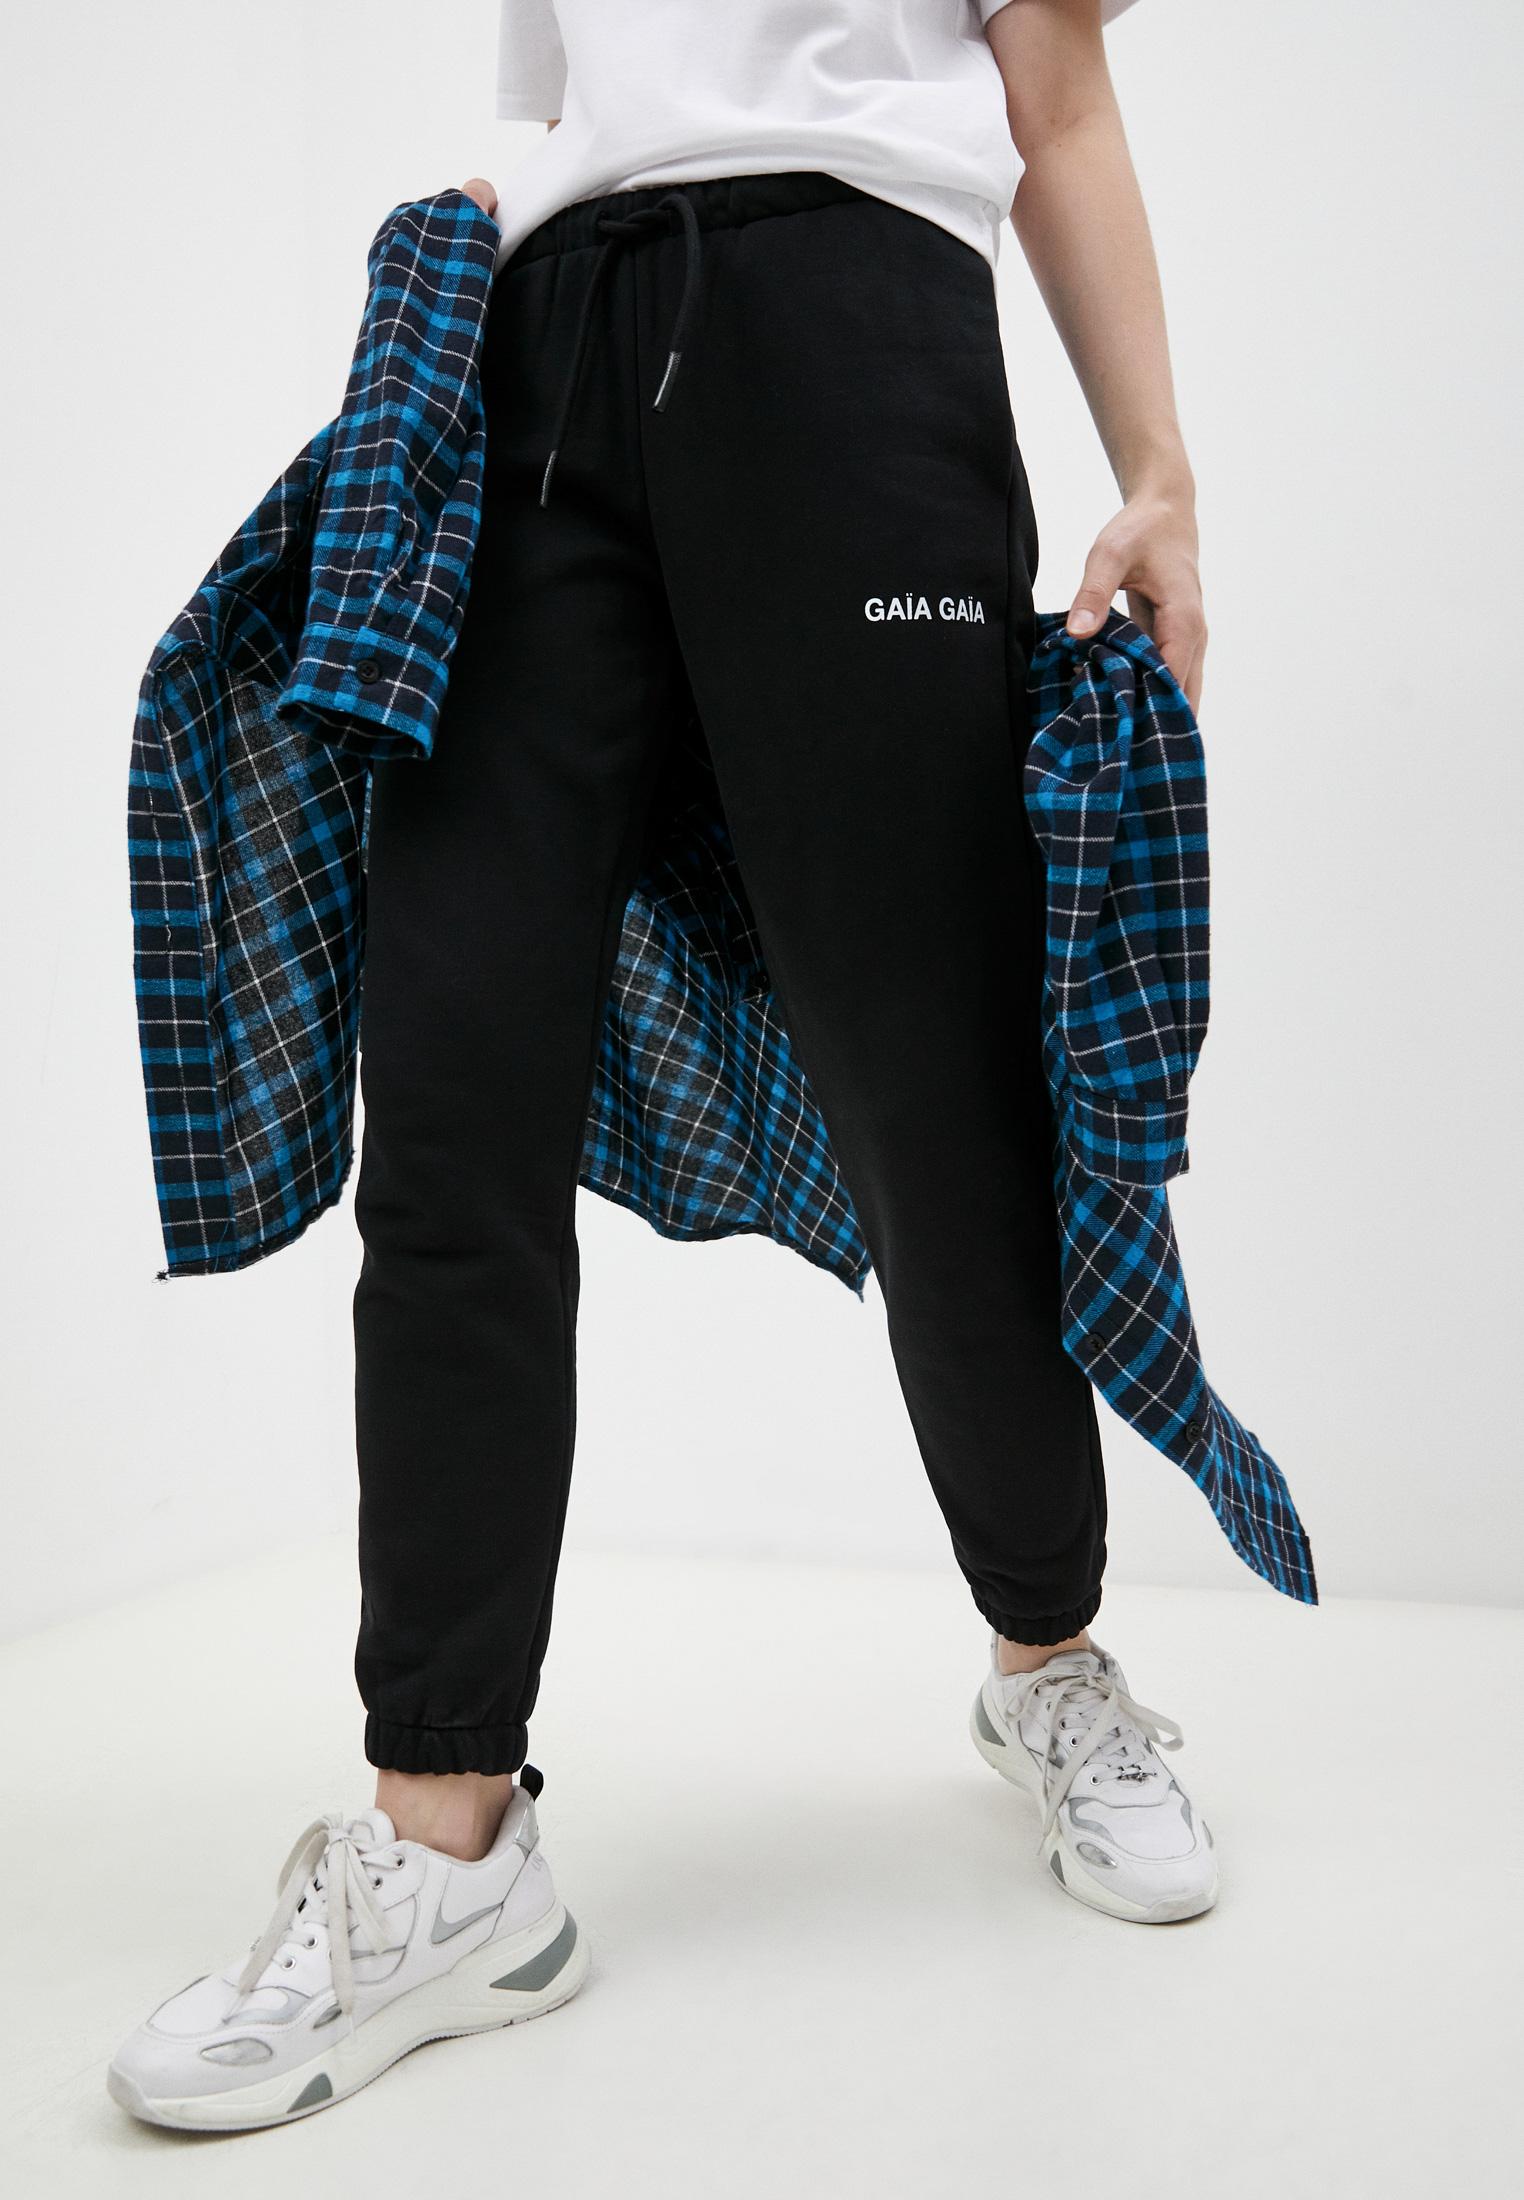 Женские спортивные брюки Gaia Gaia Брюки спортивные Gaia Gaia